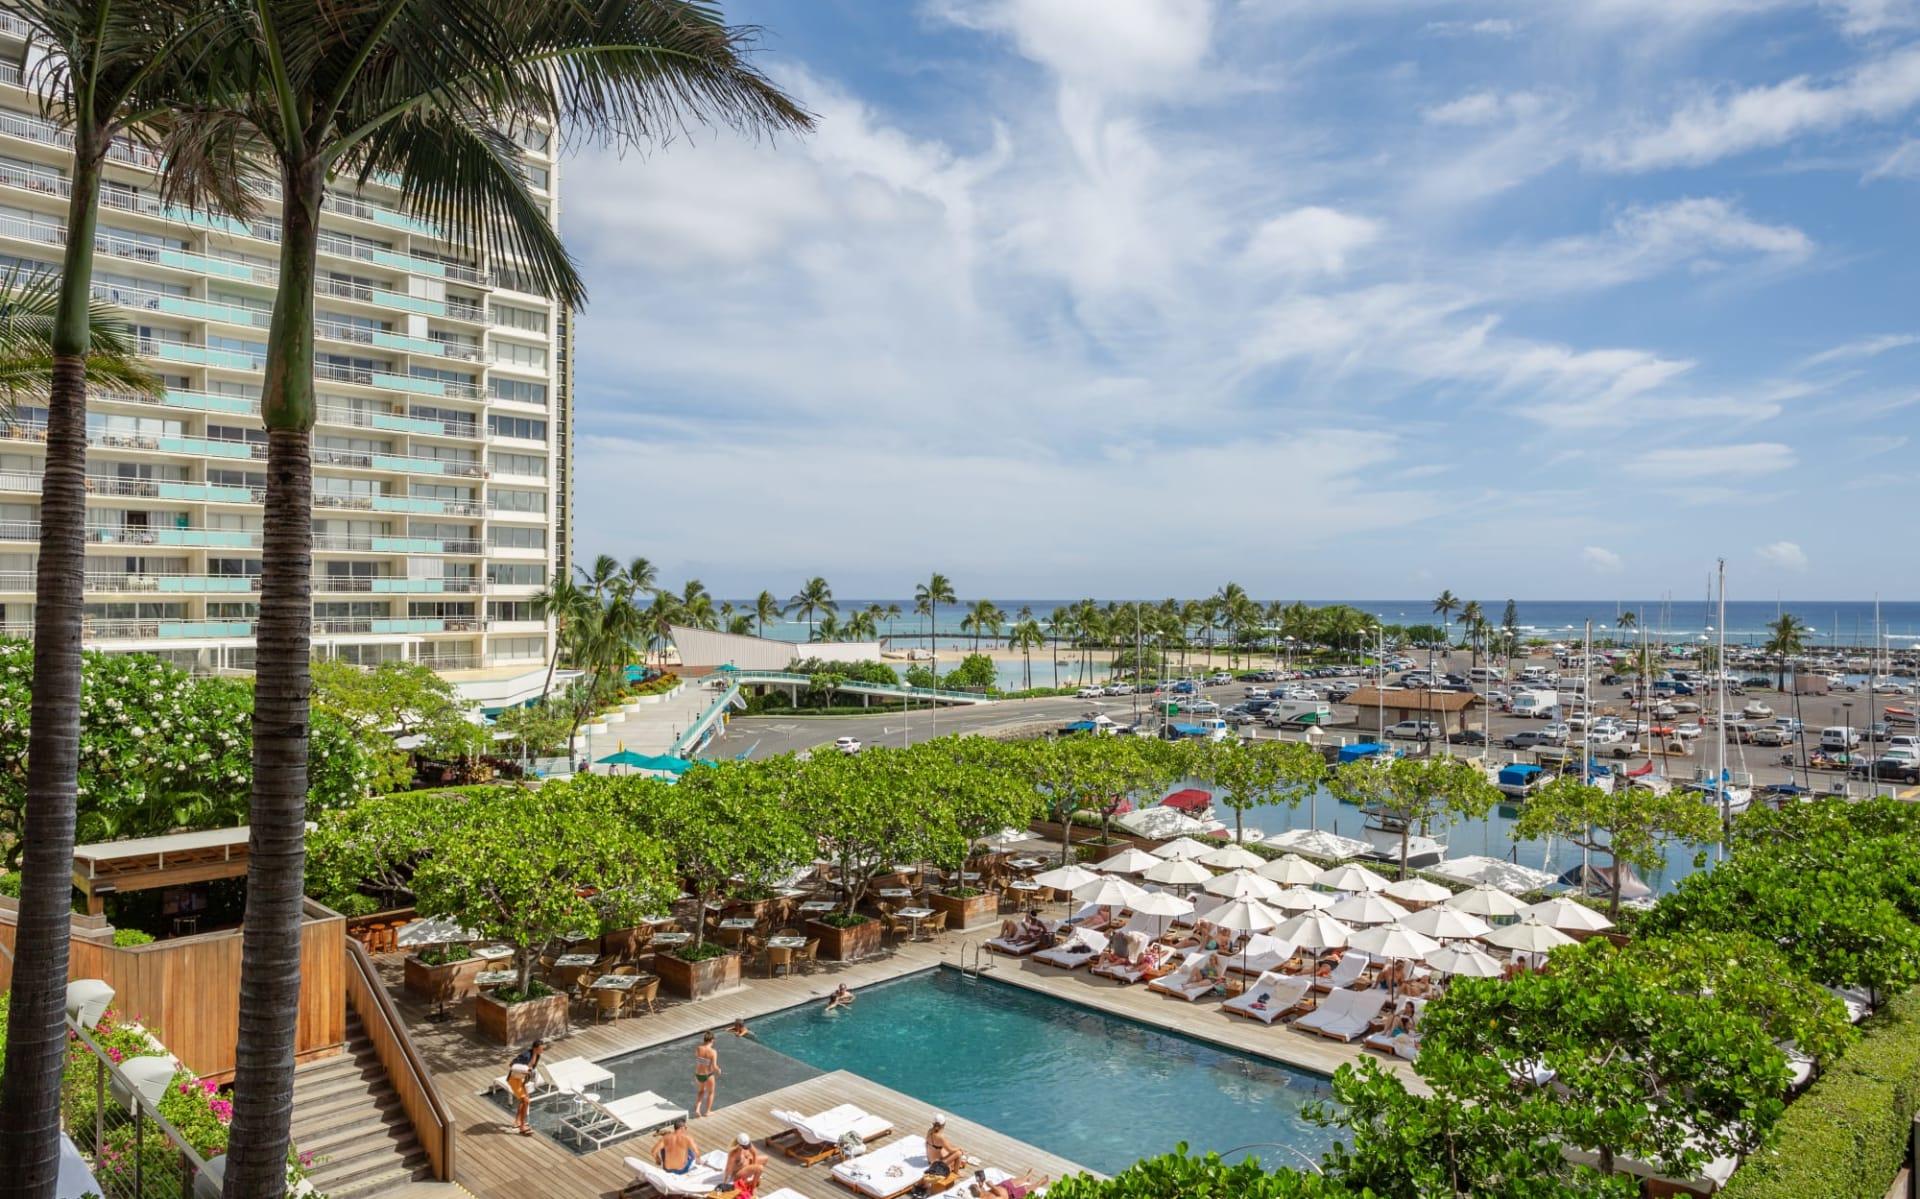 The Modern Honolulu in Honolulu - Oahu: The Modern Honolulu_Pool